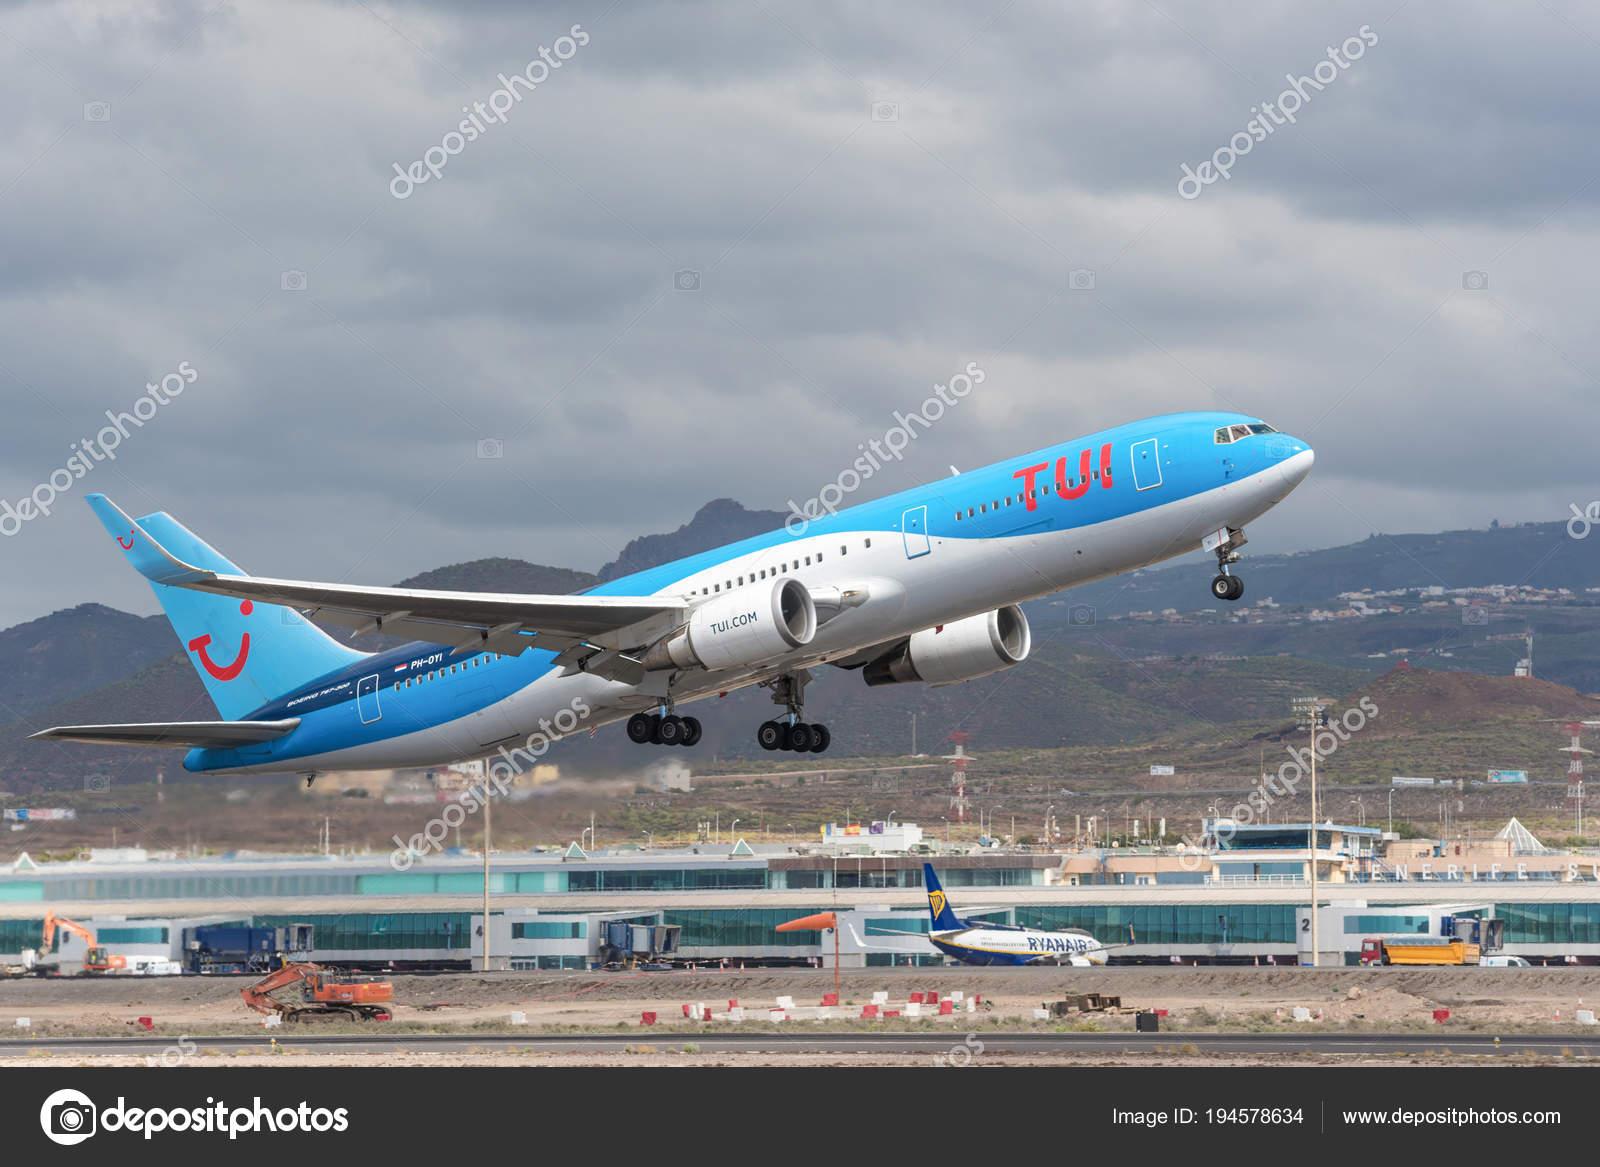 Aeroporto Tenerife Sud : Tenerife spagna 29 aprile 2018: tui boeing 767 300 in decollo